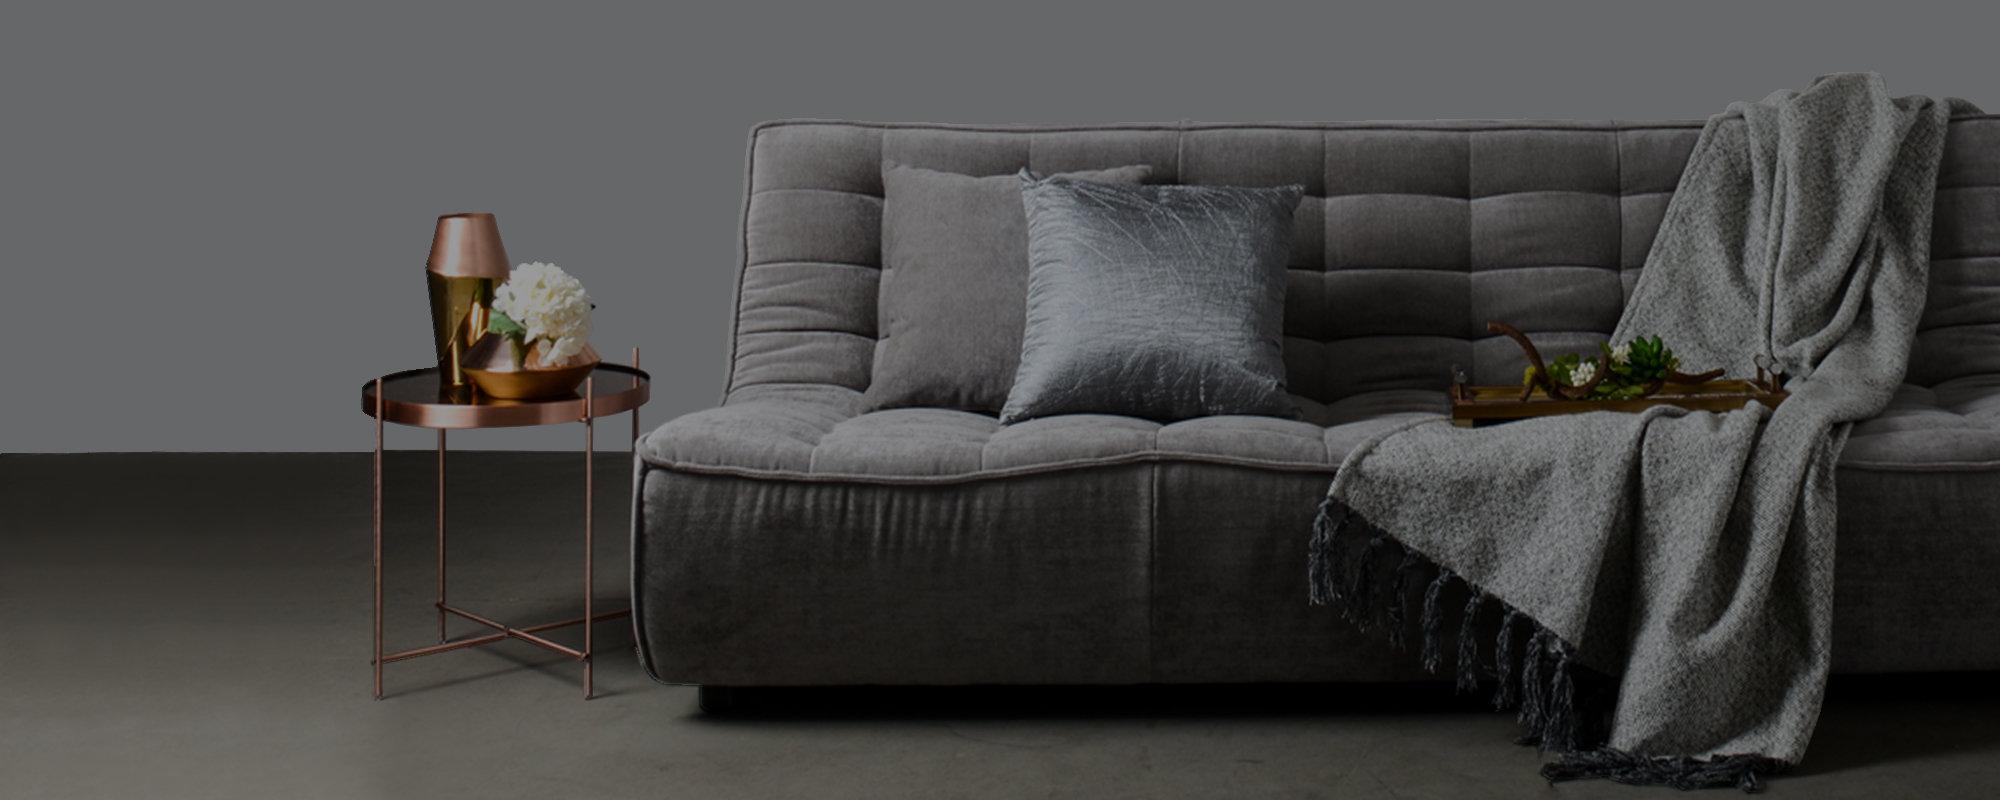 Cushions & Throws.jpg